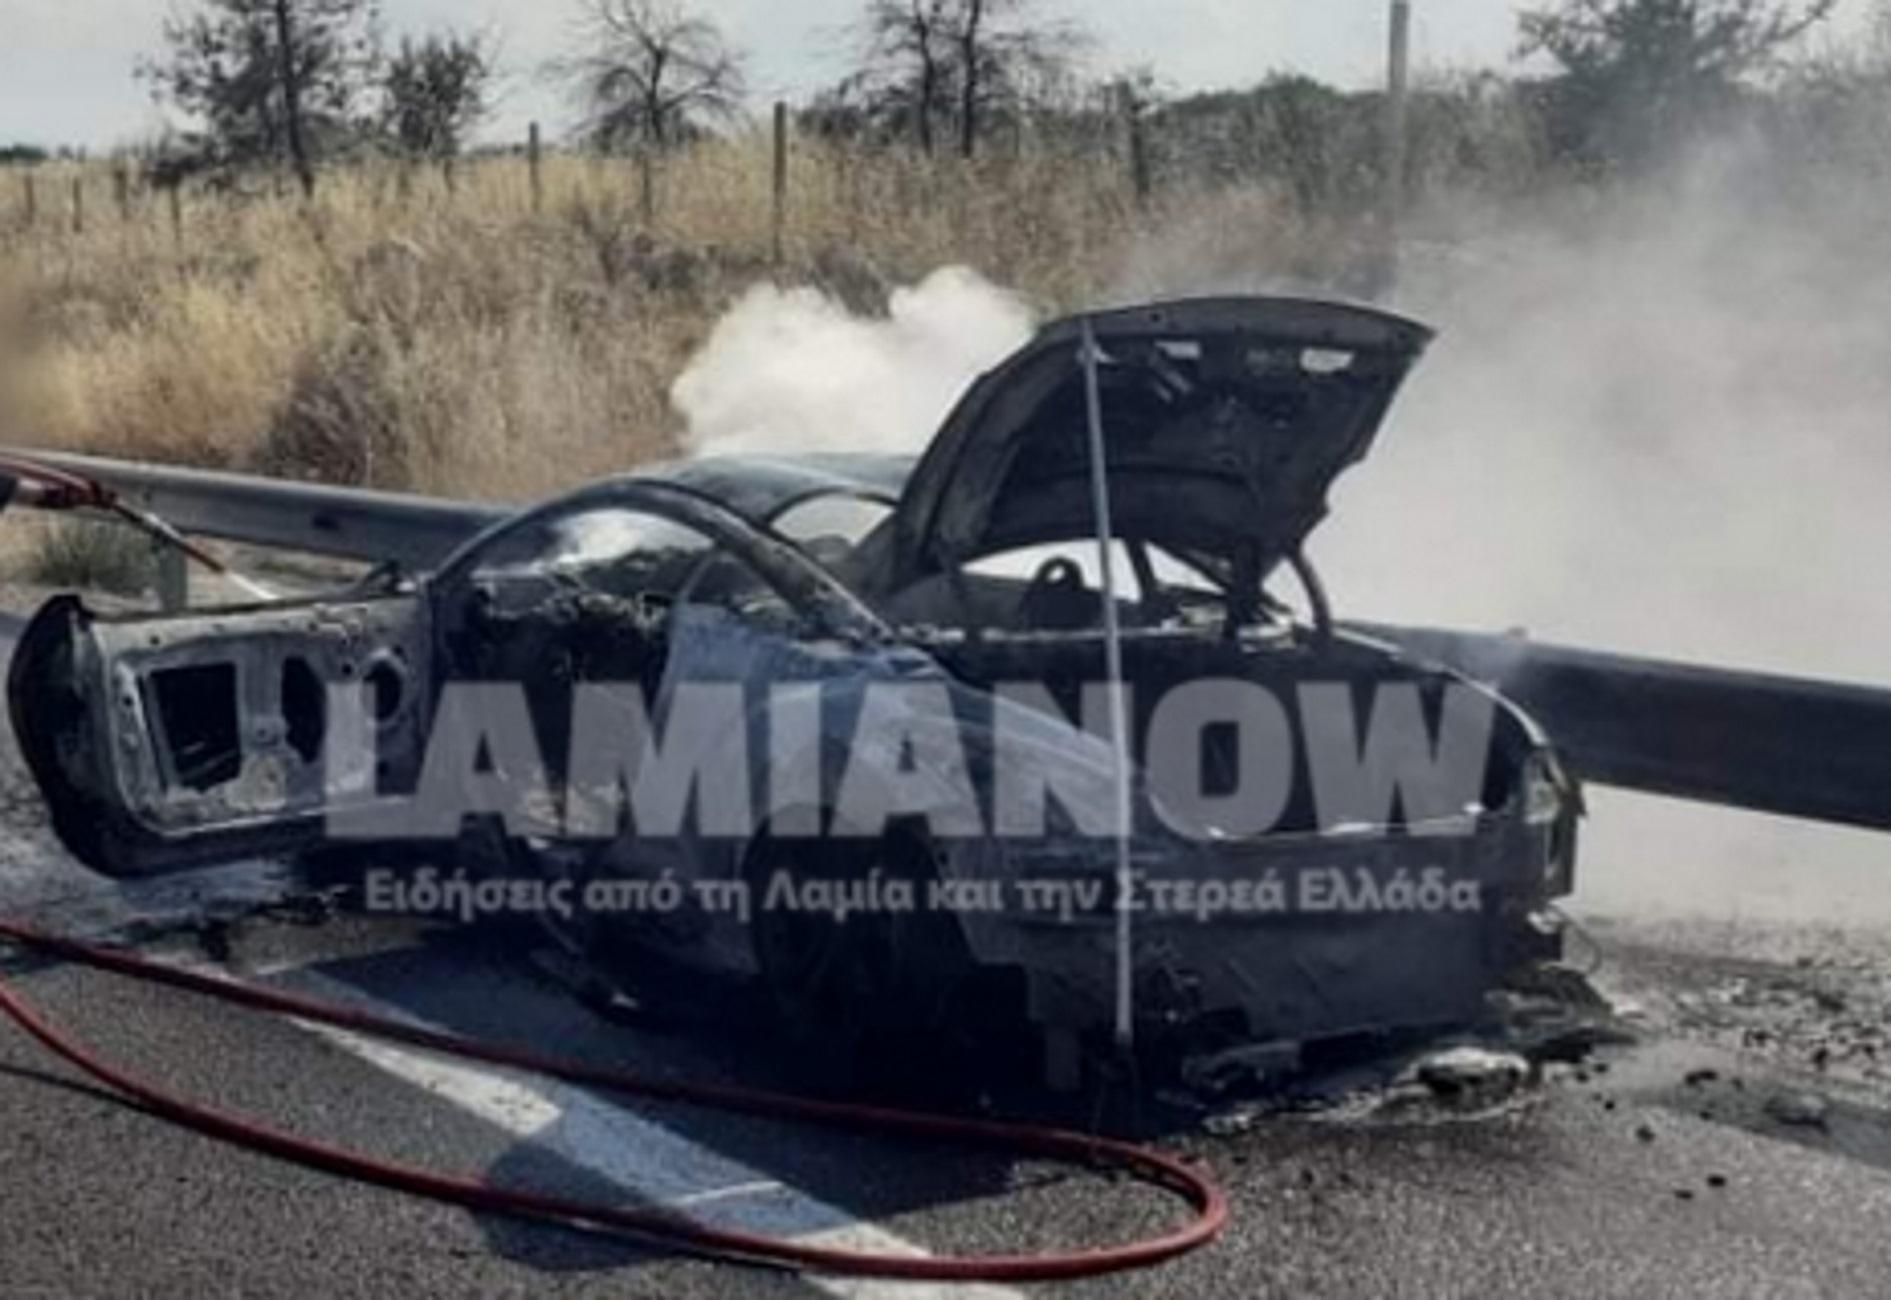 Φθιώτιδα: Πανάκριβο σπορ αυτοκίνητο πήρε φωτιά και έγινε στάχτη – Οι σκηνές του τρόμου